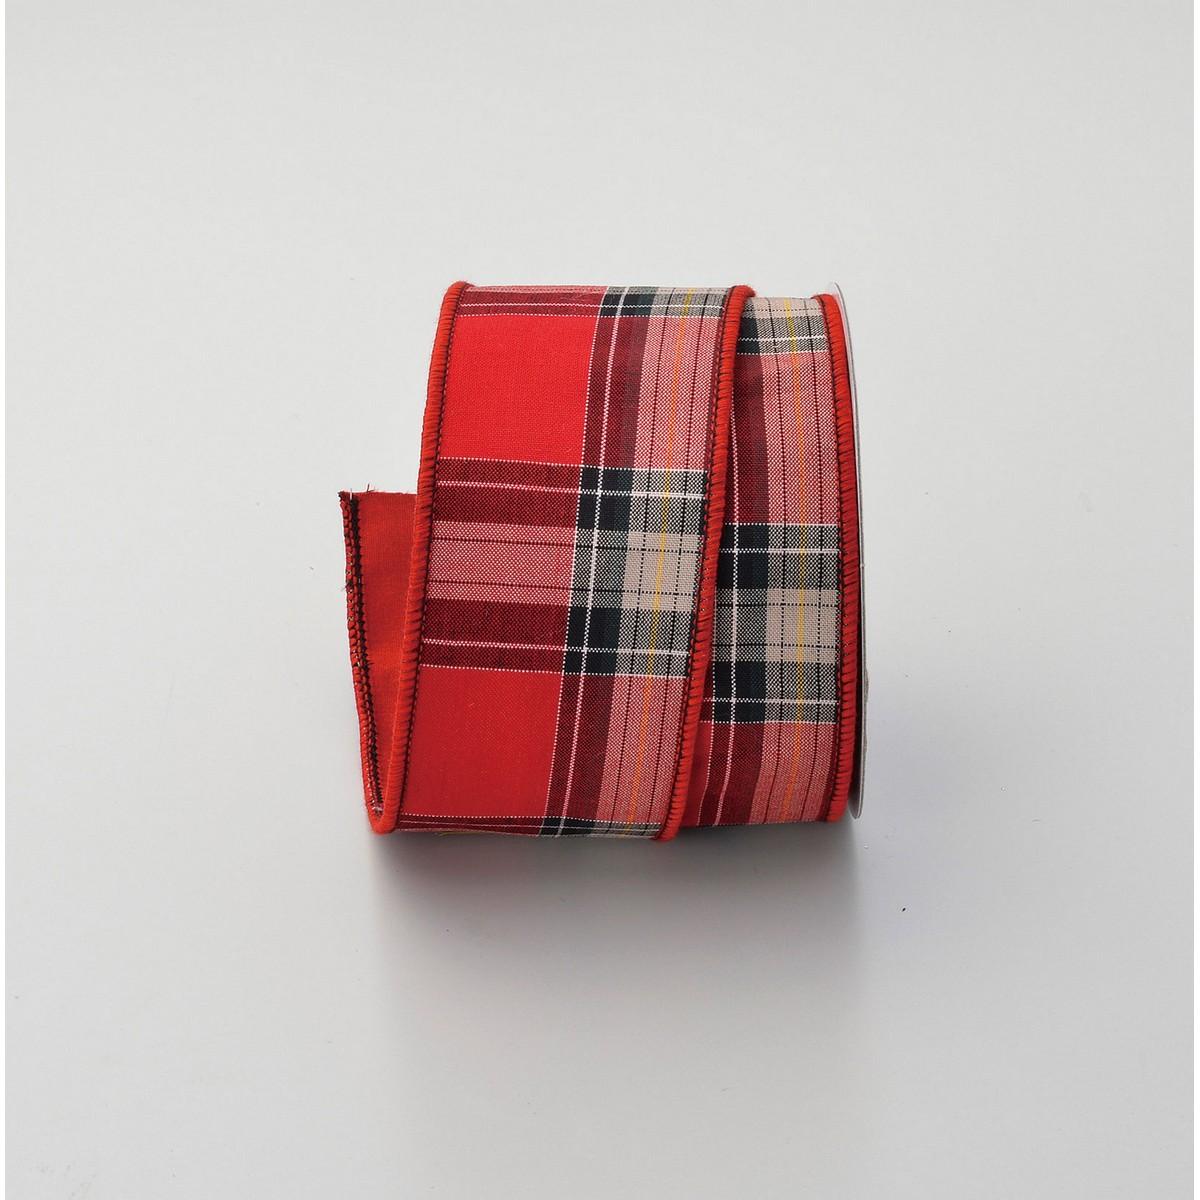 リボン シーズナルリボン クリスマスリボン 爆安 おすすめ 手作り 材料 取寄 01 AX69791-000 チェックリボン アスカ